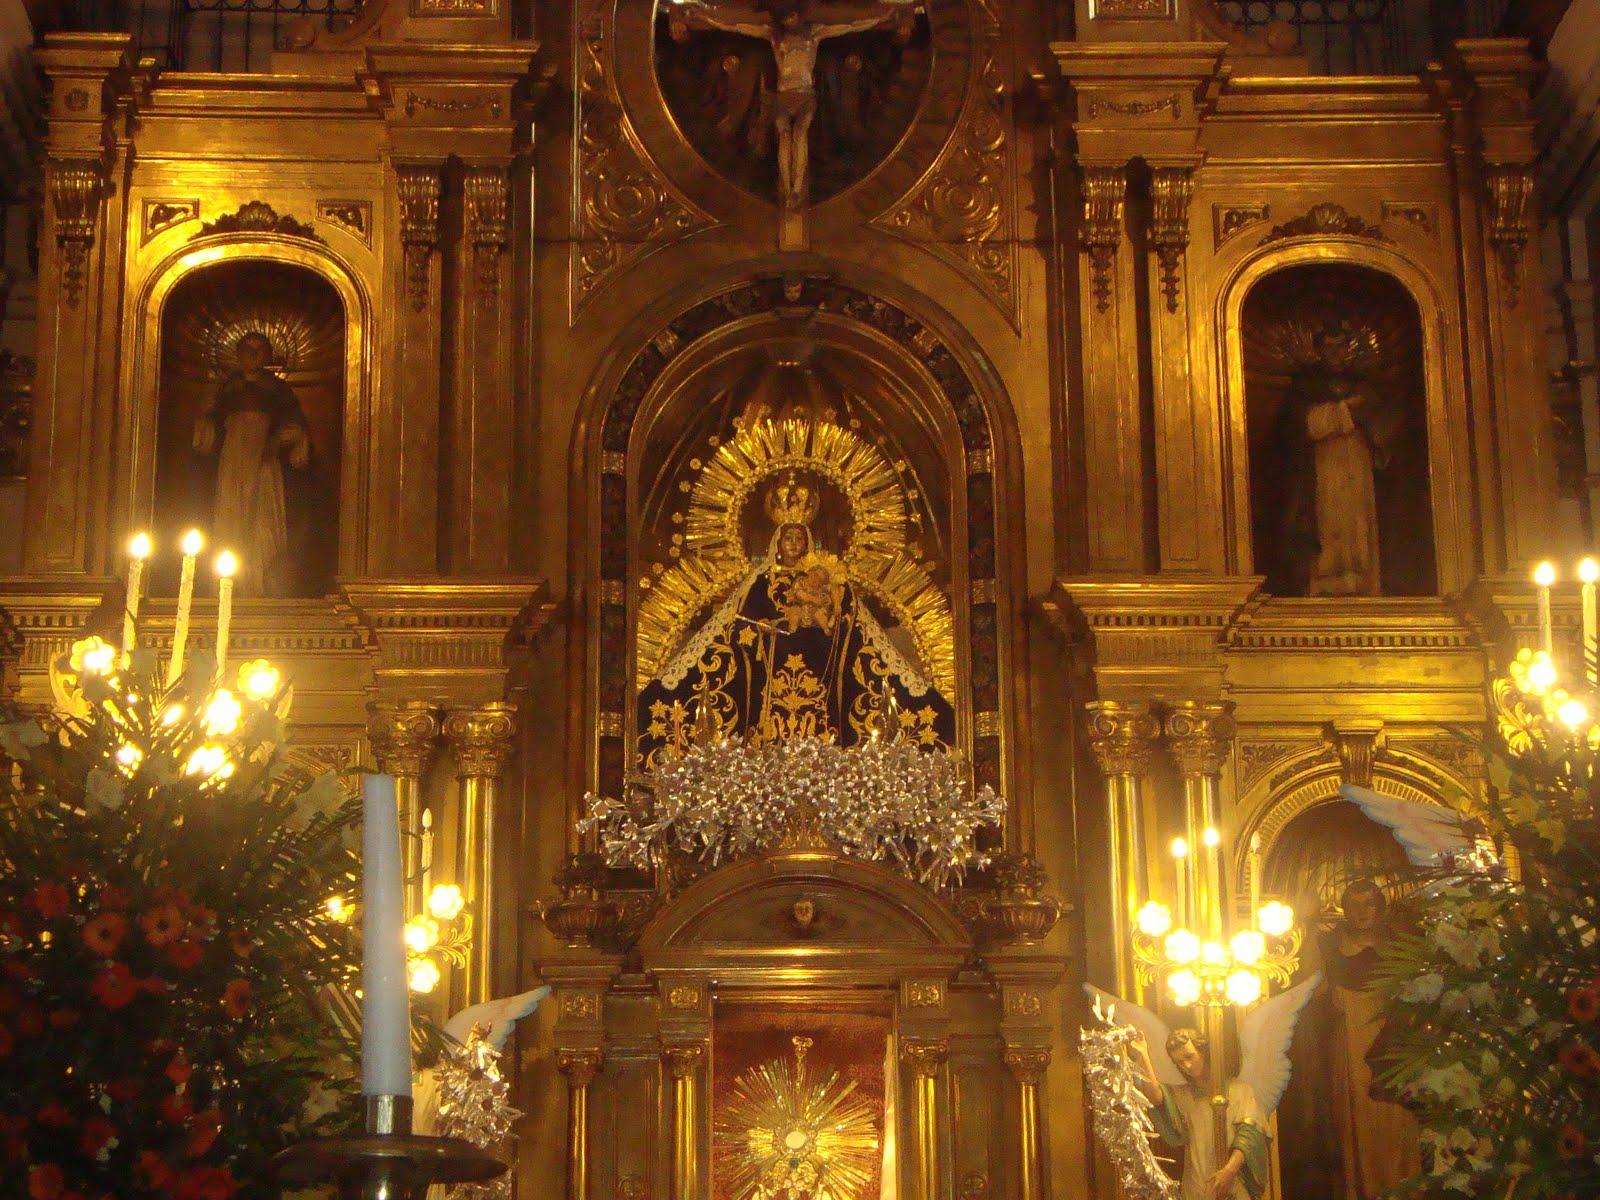 Nuestra Señora del Rosario de Guatemala, donde el Niño Jesús quiso quedarse (7 oct)